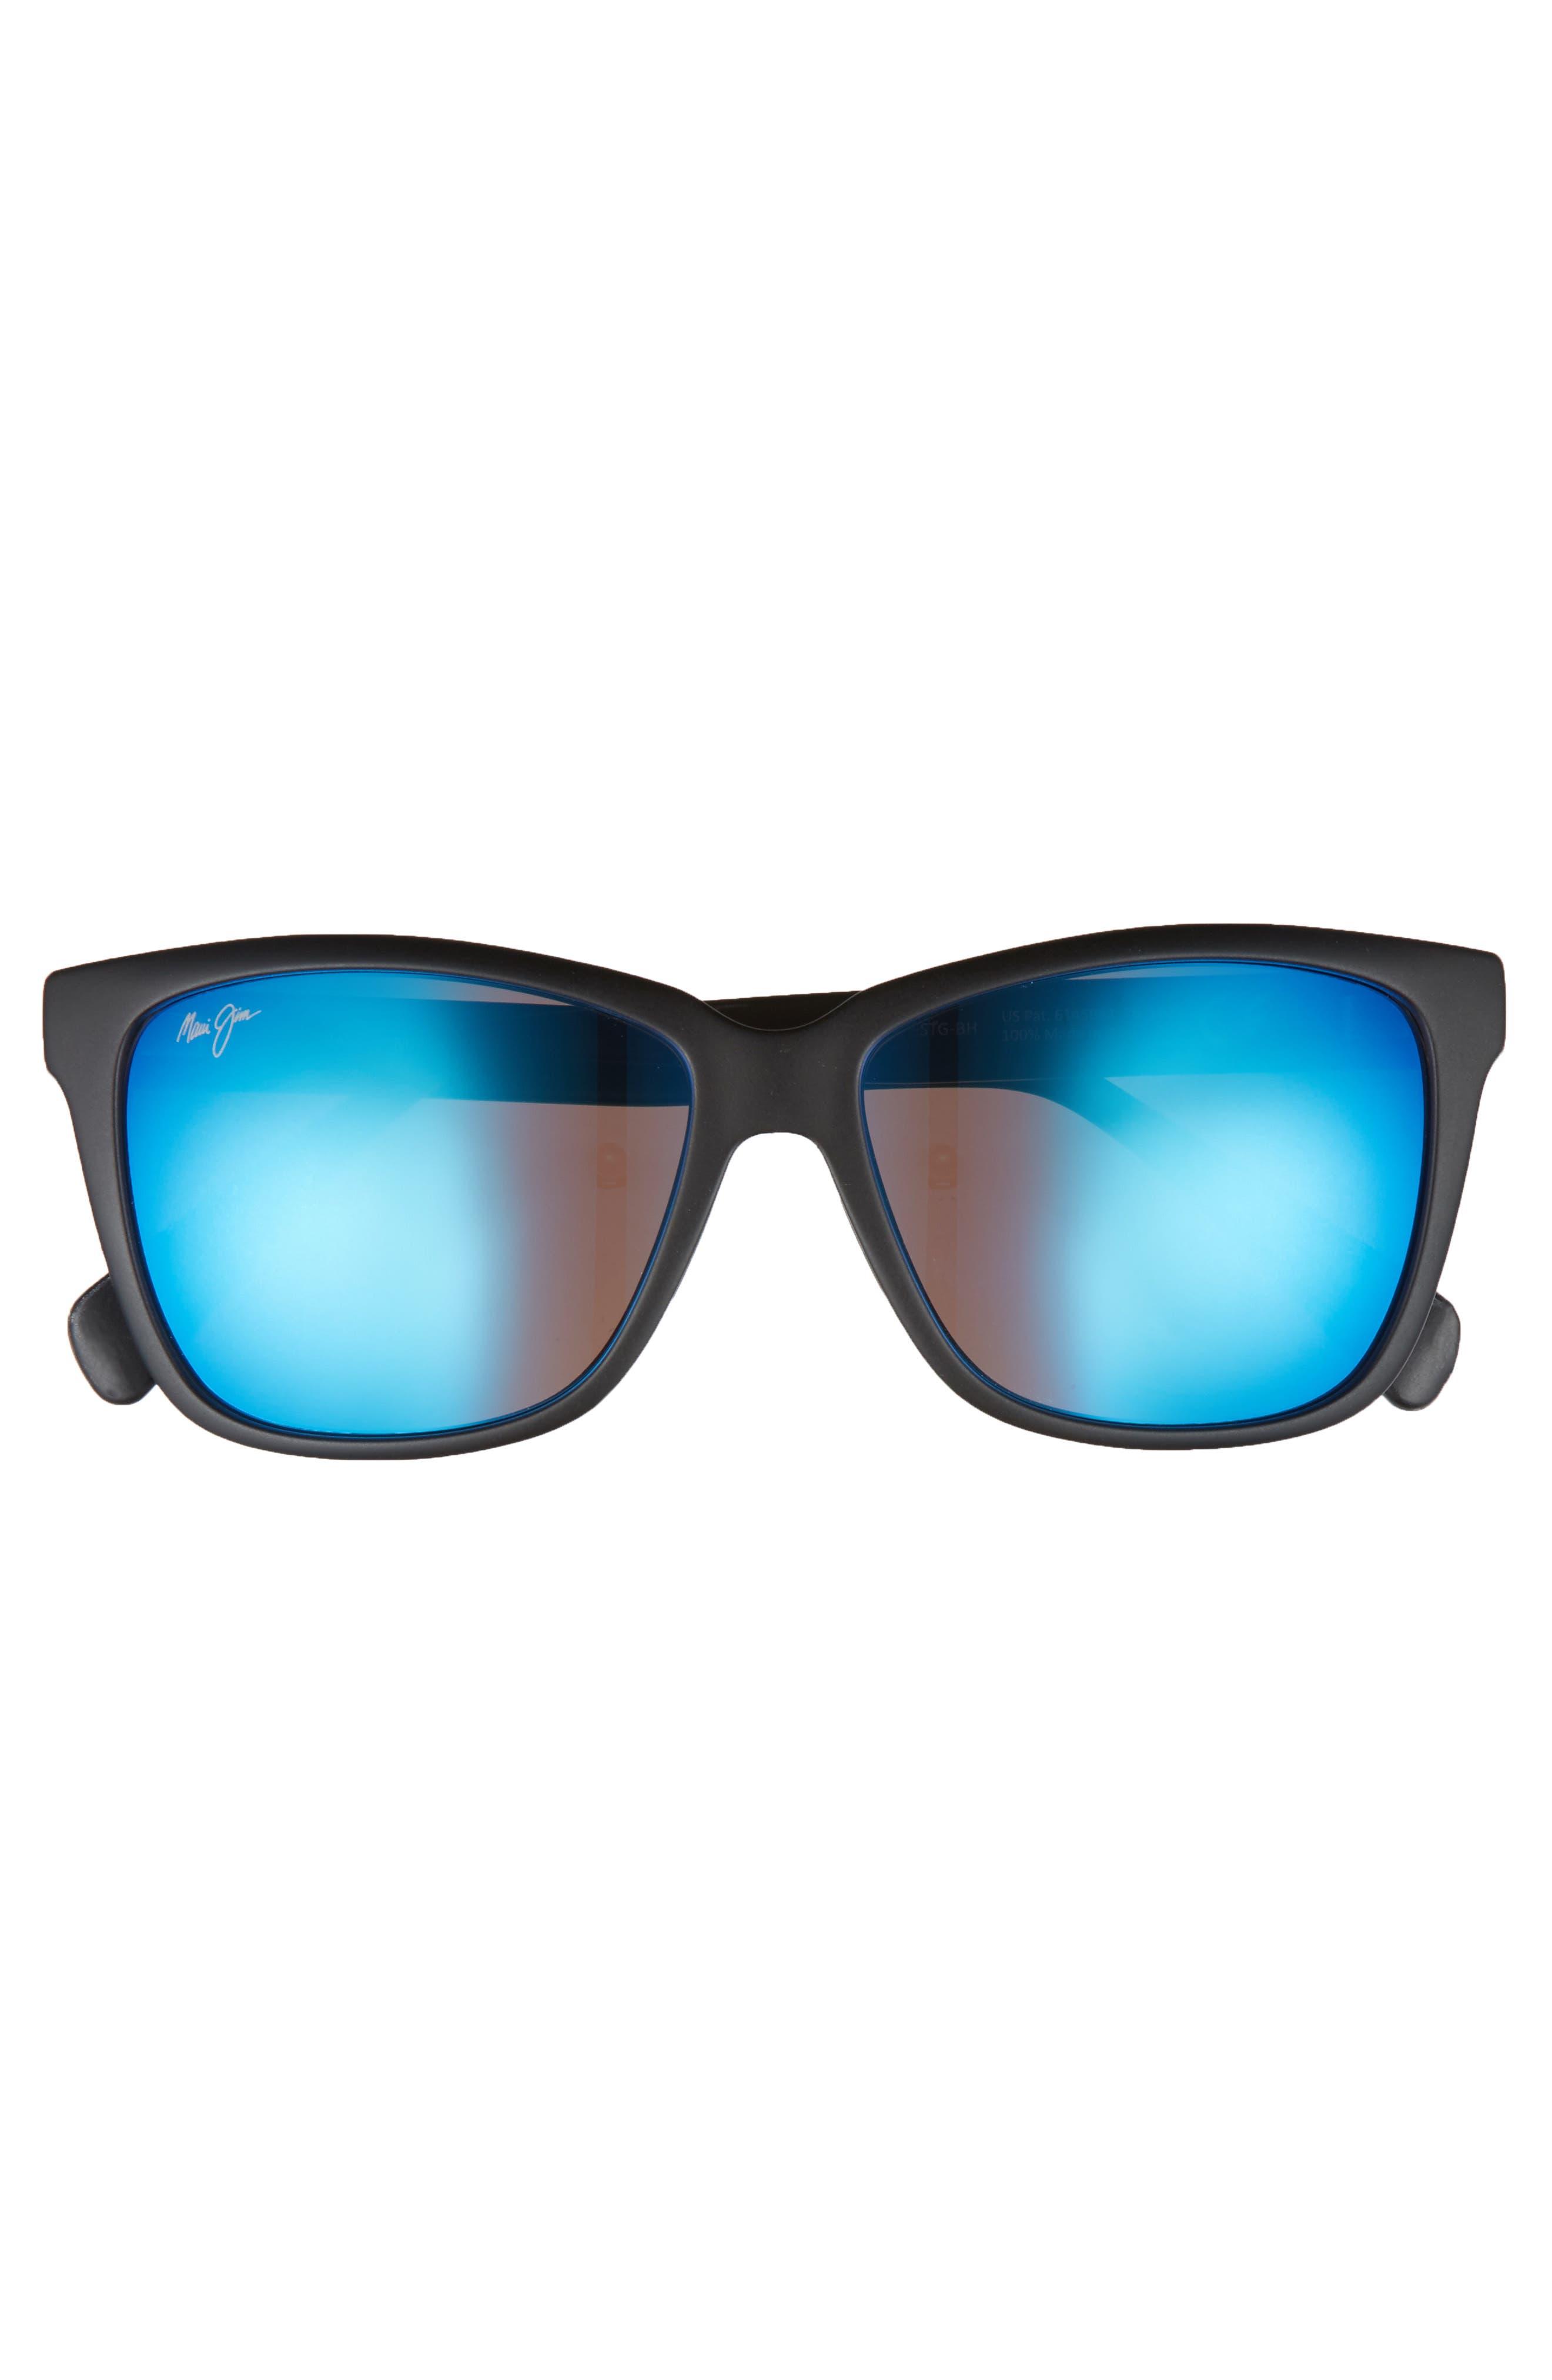 56mm Jacaranda Polarized Sunglasses,                             Alternate thumbnail 3, color,                             001